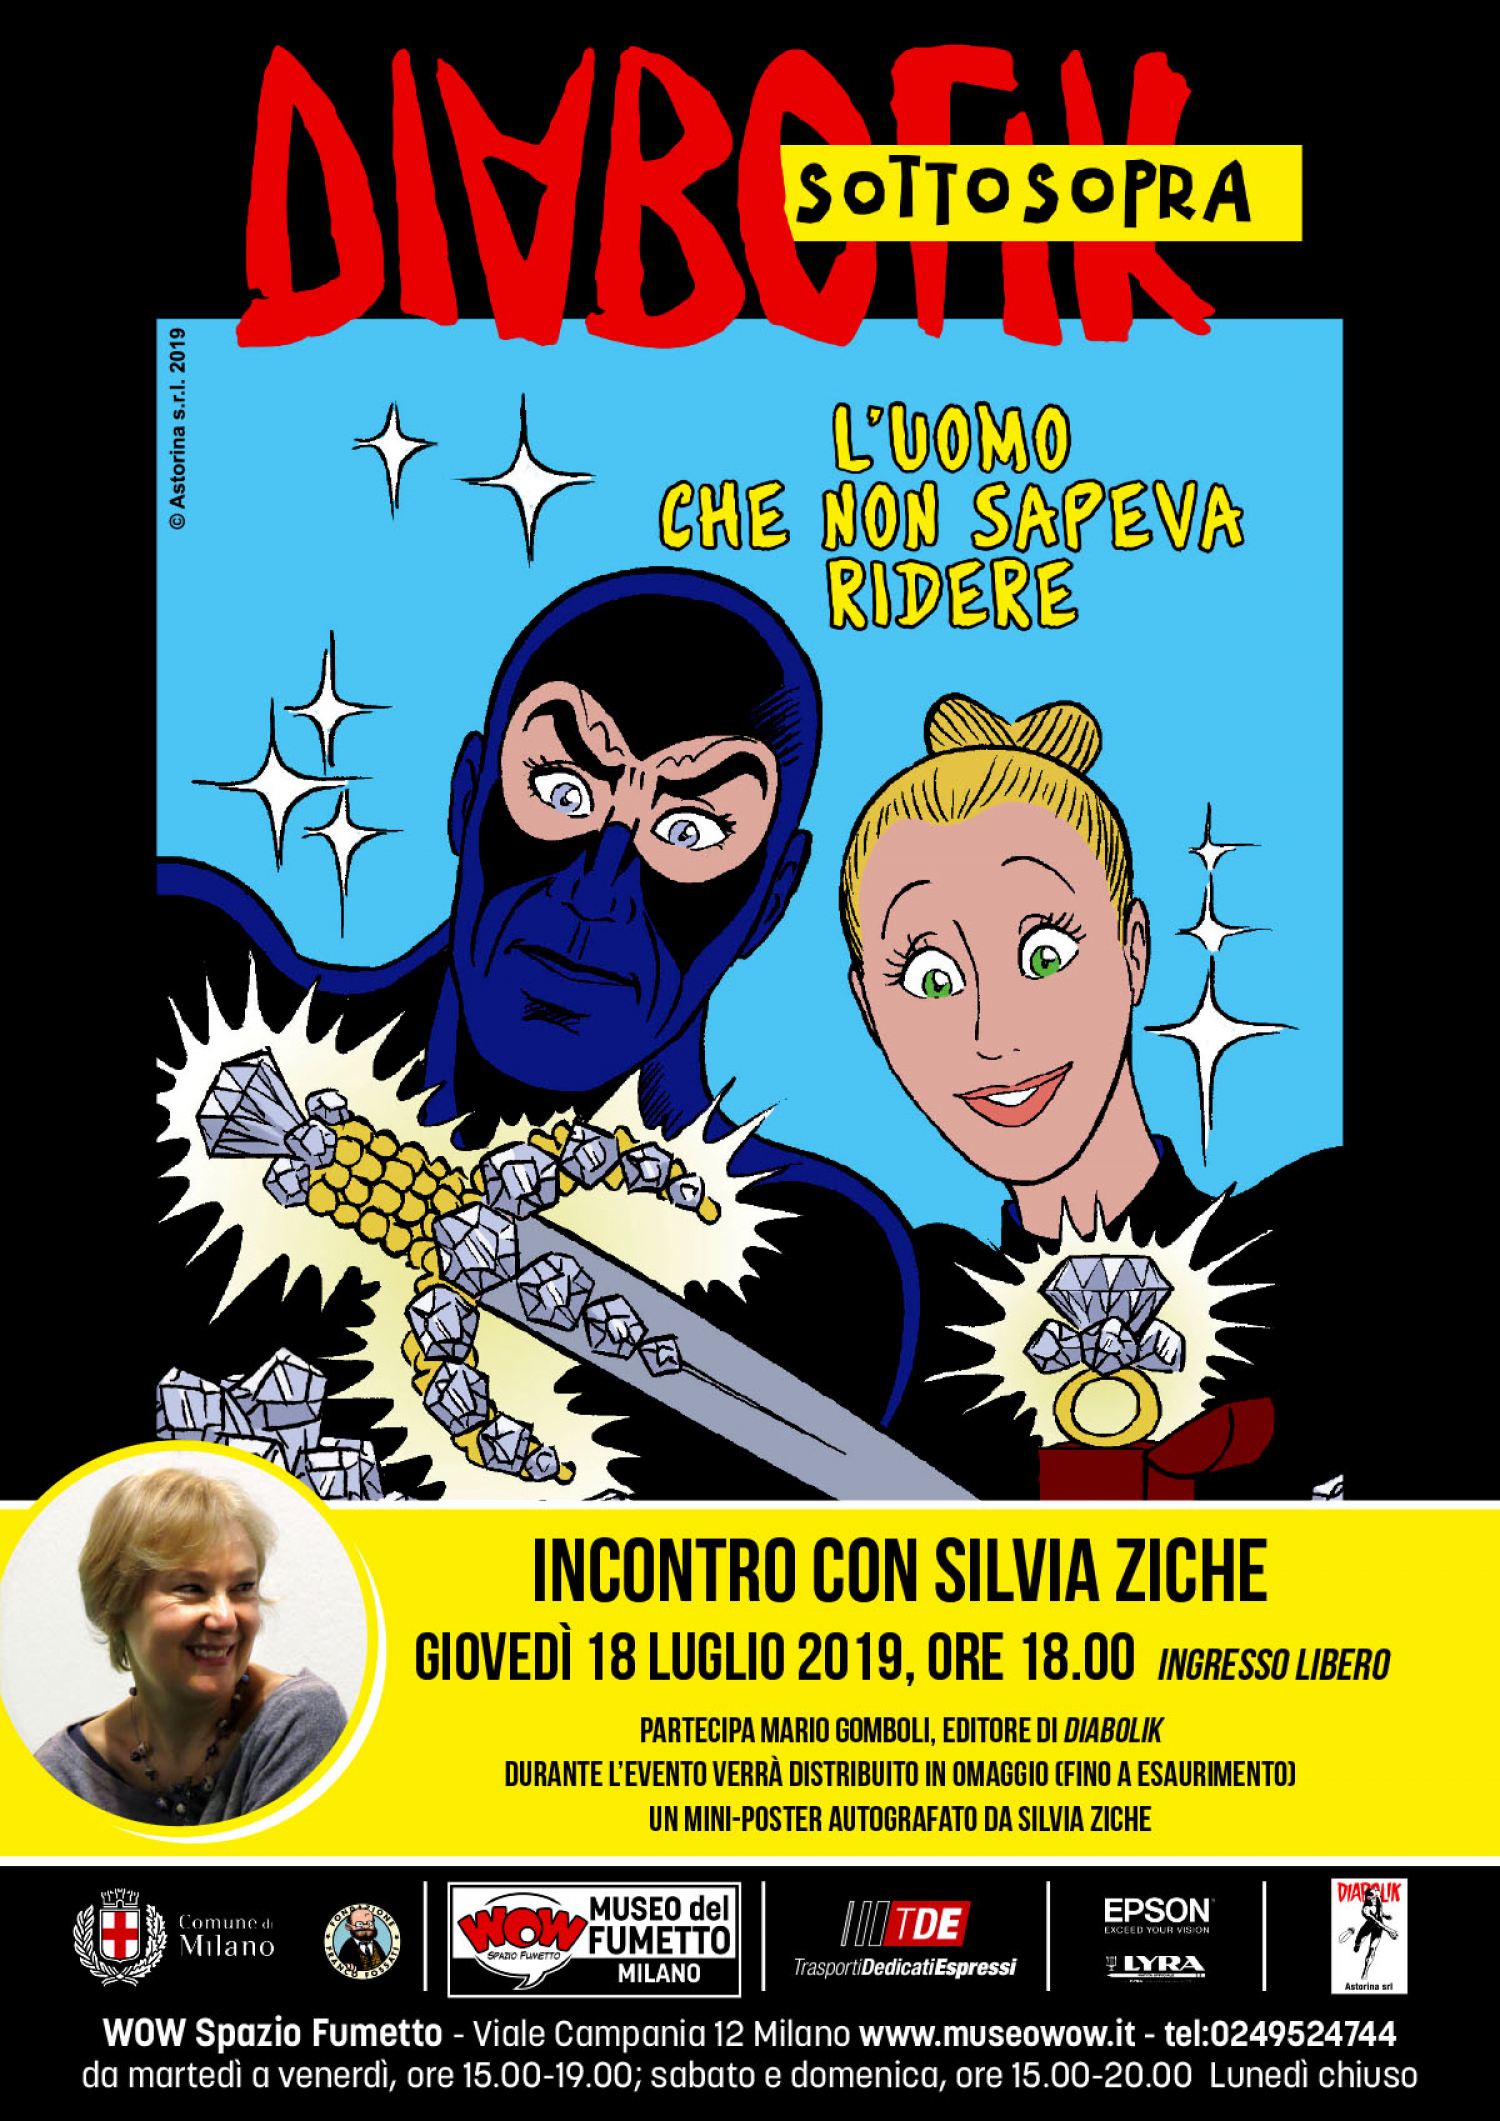 """<p><strong>Gioved&igrave; 18 luglio 2019 WOW Spazio Fumetto ospiter&agrave; <a target=""""_blank"""" href=""""http://www.silviaziche.com/"""">Silvia Ziche</a></strong>, amatissima disegnatrice di tante storie Disney e creatrice del personaggio Lucrezia. L&#39;autrice incontrer&agrave; il pubblico per presentare in anteprima l&rsquo;albo &quot;<strong>Diabolik Sottosopra - L&rsquo;uomo che non sapeva ridere</strong>&quot;. La&nbsp;storia di <a target=""""_blank"""" href=""""https://www.diabolik.it/index.php""""><strong>Diabolik</strong></a> uscir&agrave; in edicola per Astorina il 1&deg; agosto, in abbinata al tradizionale albo della serie regolare) in cui, insieme allo sceneggiatore Tito Faraci, presenta un inedito Re del Terrore impegnato in un&rsquo;avventura insolitamente umoristica.<strong> In occasione dell&rsquo;incontro, saranno esposte alcune tavole originali e la copertina dell&rsquo;albo. All&#39;incontro parteciper&agrave; anche il direttore di Diabolik Mario Gomboli.</strong> <strong>Al termine dell&rsquo;incontro. Silvia Ziche si intratterr&agrave; col pubblico e autografer&agrave; per i fan il mini-poster realizzato per l&rsquo;occasione</strong> (in omaggio fino a esaurimento scorte). &ldquo;<strong>Diabolik Sottosopra</strong>&rdquo; sar&agrave; un albo analogo a quelli della serie regolare (formato pocket, 120 pagine) ma dal contenuto inaspettato: <strong>una satira del Re del Terrore firmata da Tito Faraci e Silvia Ziche</strong>. Faraci &egrave; uno dei principali sceneggiatori della serie (ormai da vent&rsquo;anni) e al contempo uno degli autori di punta della Disney, come peraltro Silvia Ziche, che con lui ha firmato tante storie apparse su Topolino. Per Silvia Ziche non si tratta del suo primo incontro con il mitico Re del Terrore: l&rsquo;autrice ha realizzato nel 2017, sempre in coppia con Faraci, l&rsquo;albetto &quot;La ricompensa&quot; in occasione del Festival del fumetto di Lugano, mentre su &quot;Il Grande Diabolik&quot; dell&rsquo;aprile 2019 &egrave; uscita """